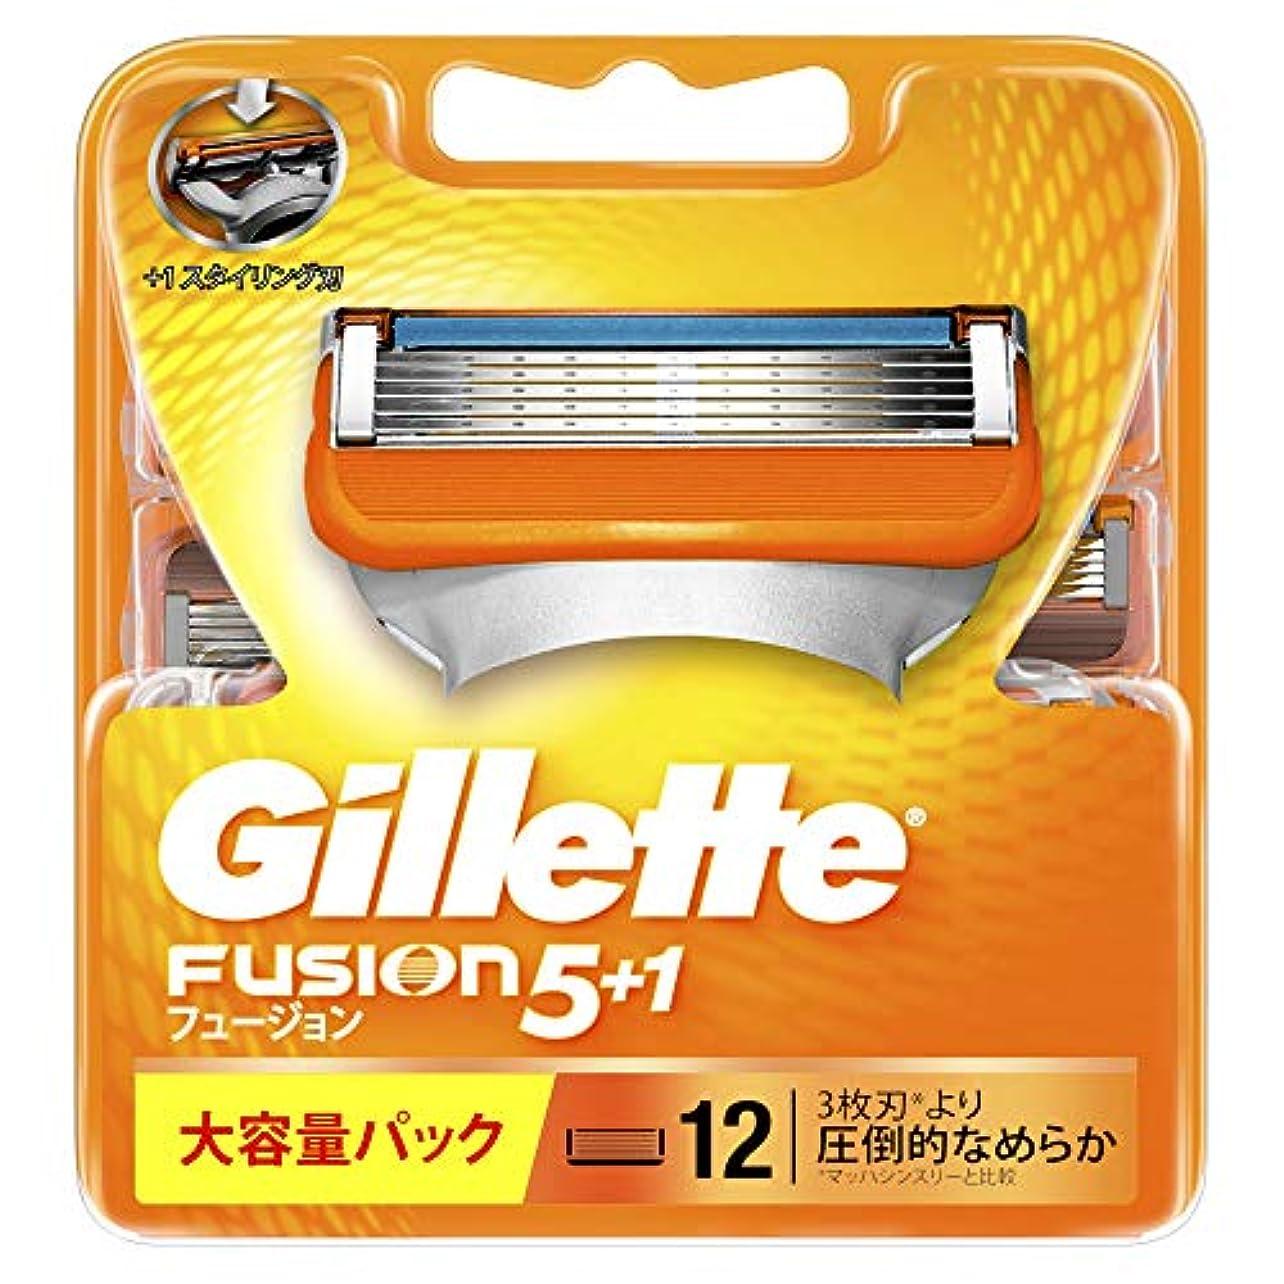 間違い証明書シャワージレット フュージョン5+1 マニュアル 髭剃り 替刃 12コ入